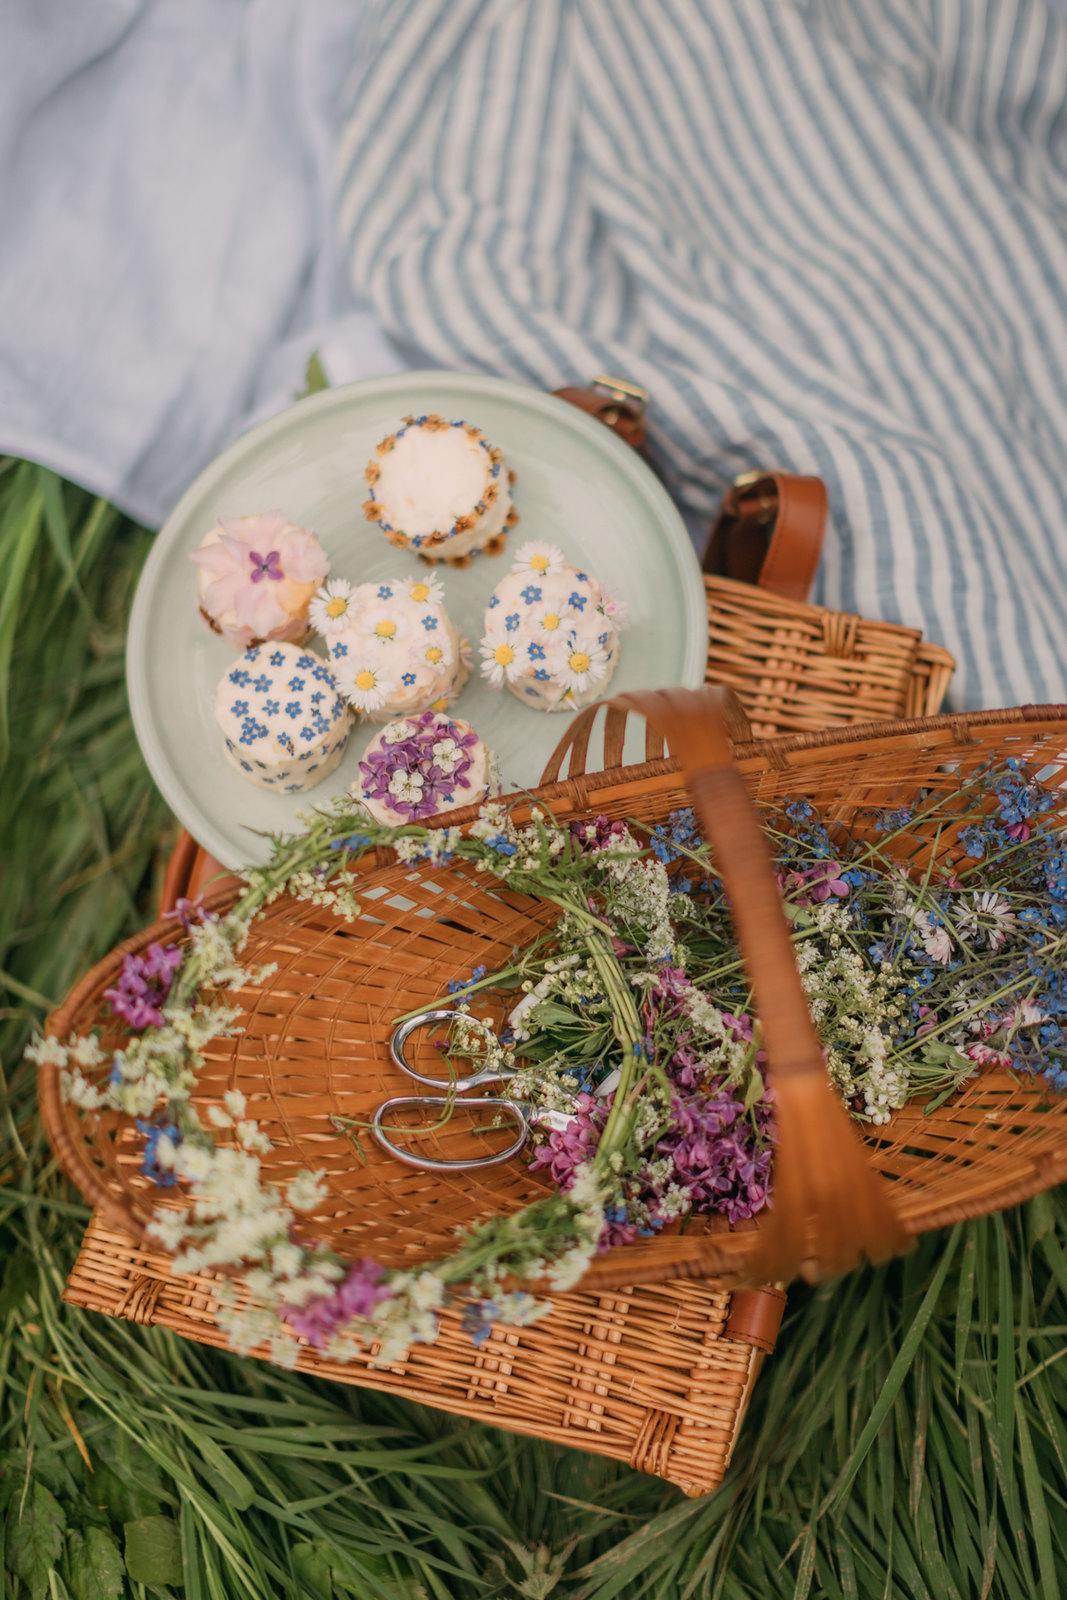 spring hobbit,hobbithearted, cottagecore, cottagecore dress, cottagefairy, fairycore, magic linen, folk fashion, picnic, spring picnic, linen picnic